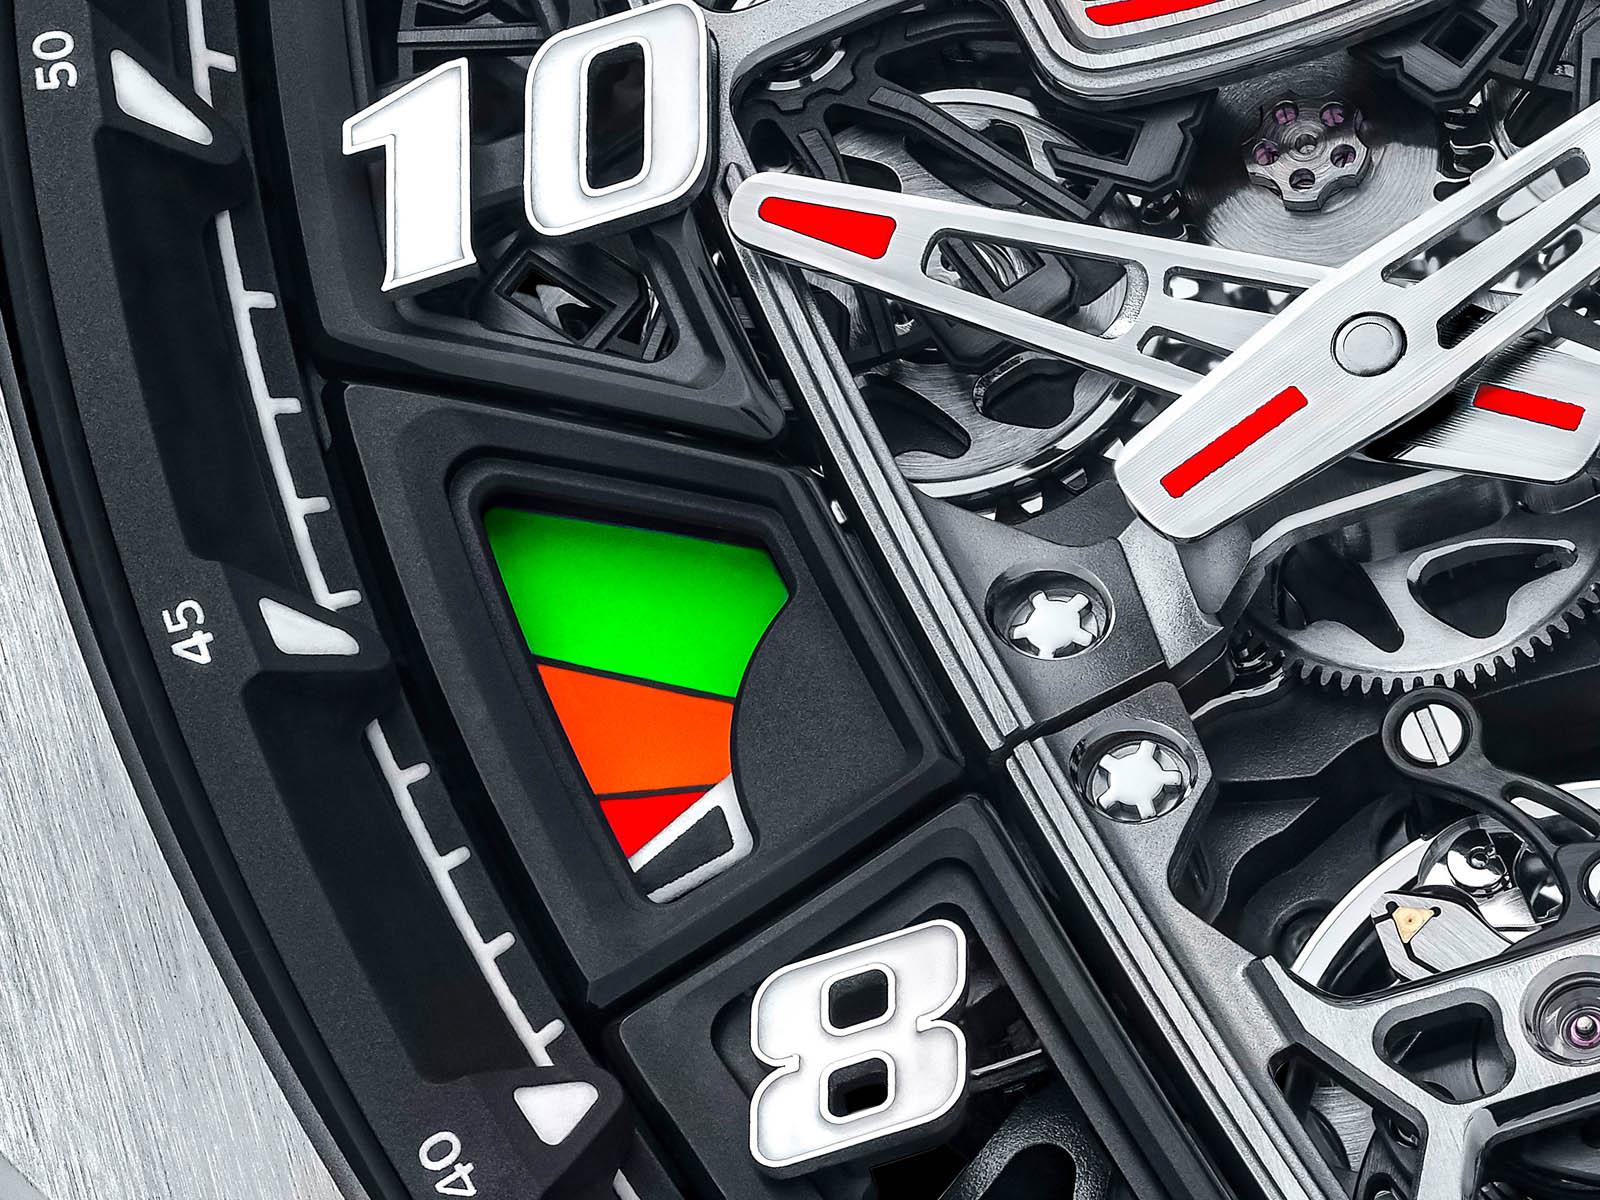 richard-mille-40-01-automatic-tourbillon-mclaren-speedtail-8.jpg